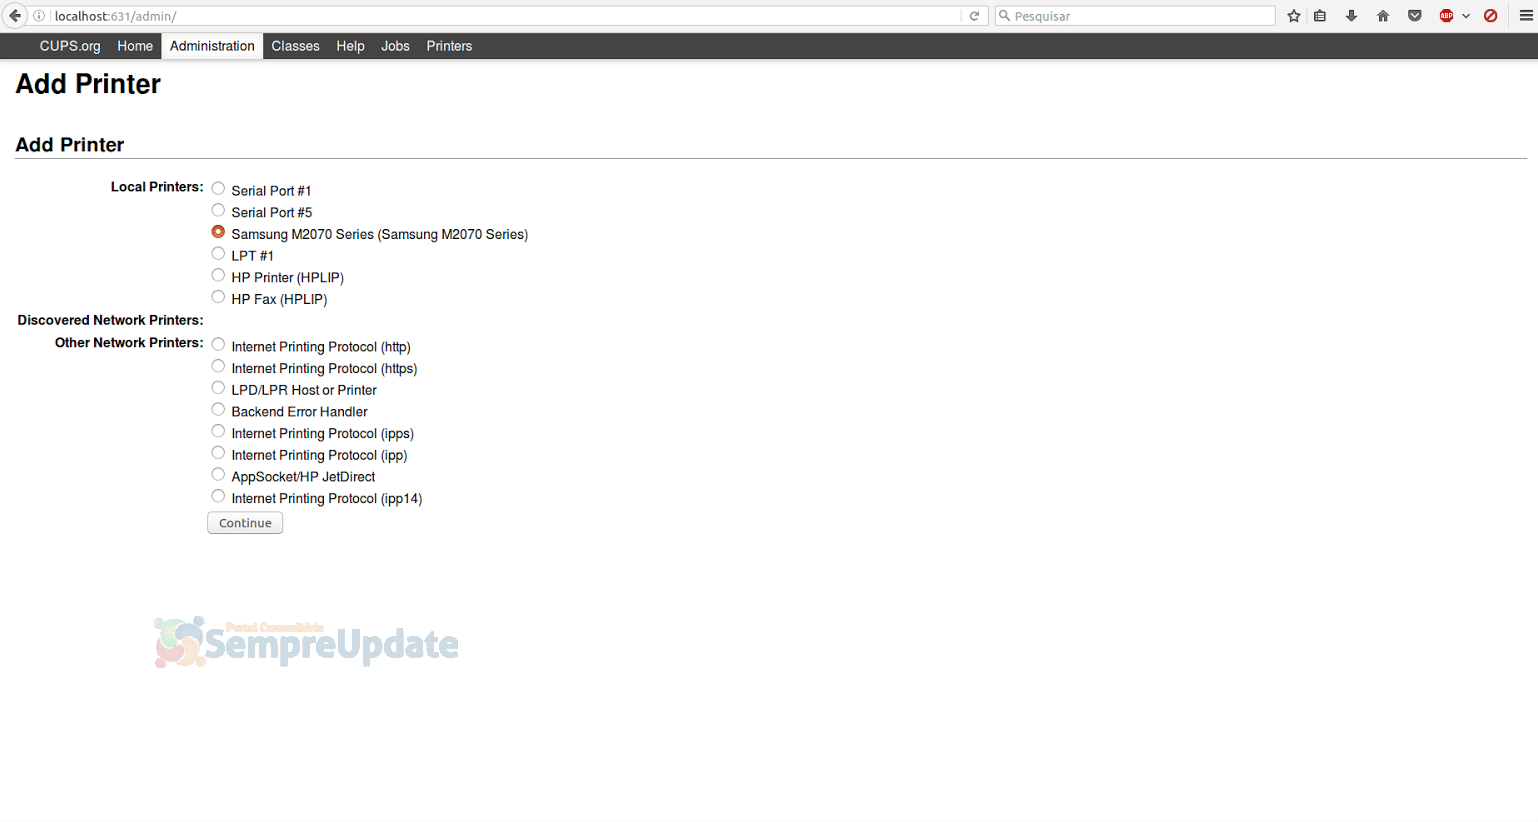 Como instalar uma impressora em distribuições baseadas no Ubuntu ou Fedora